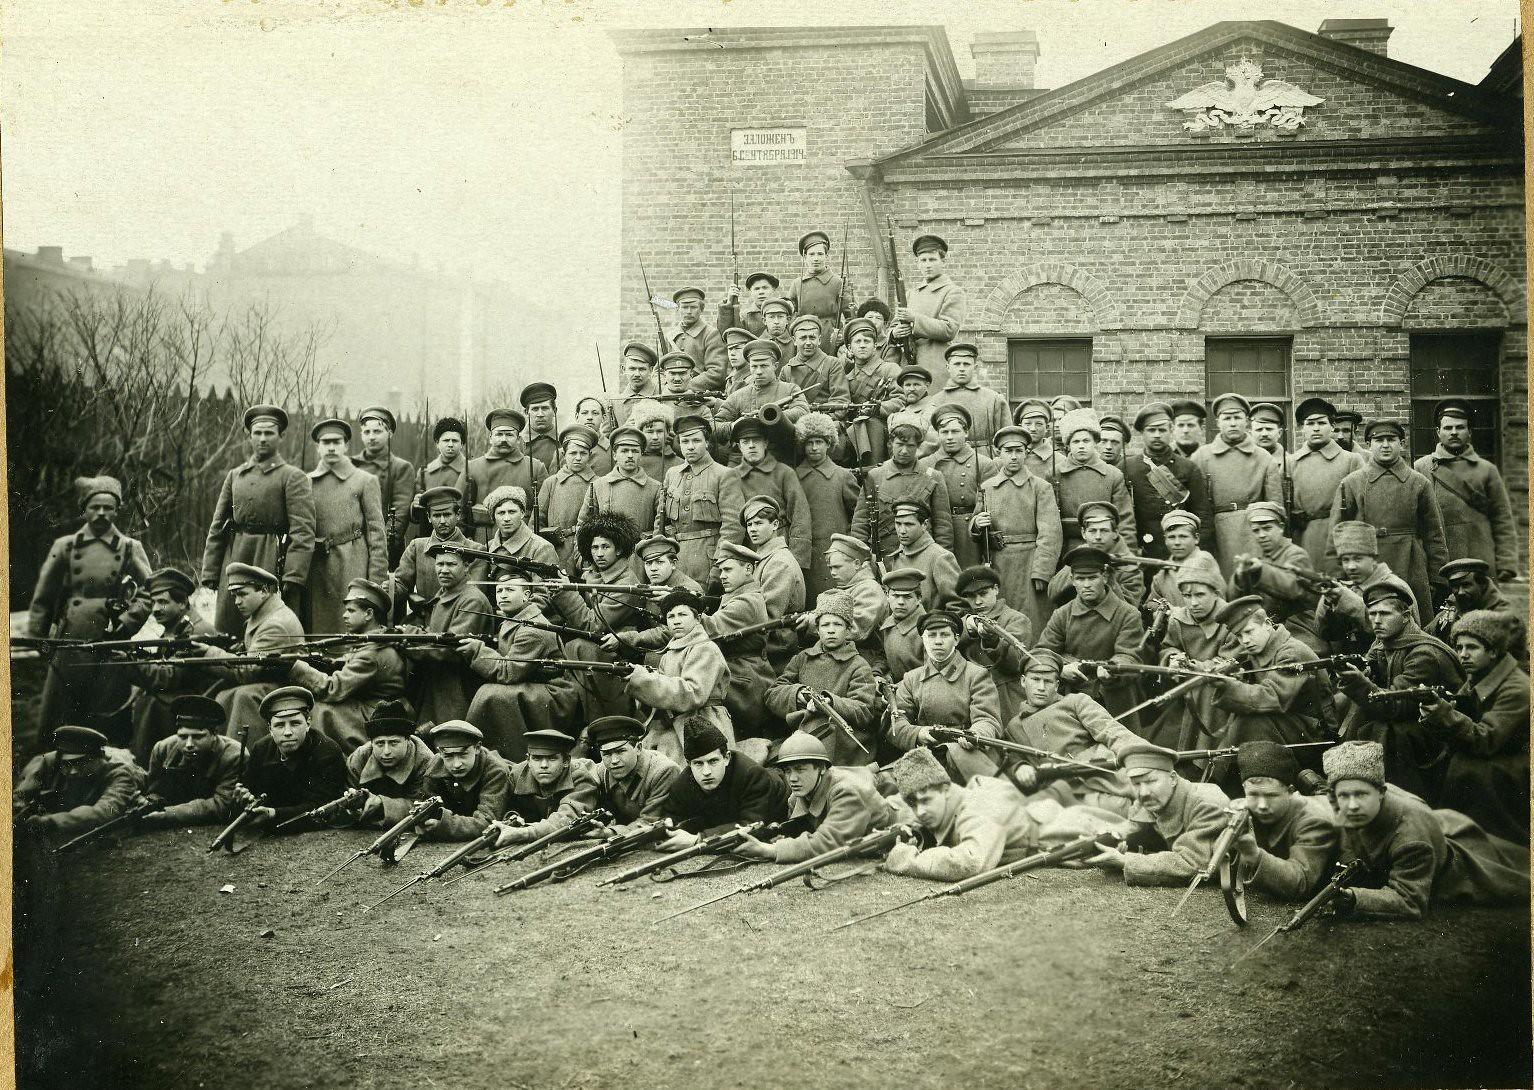 1918. Обмундирование пехотной части до издания декрета об организации Красной Армии. Во дворе стрельбища при бывшем Кавалерском училище